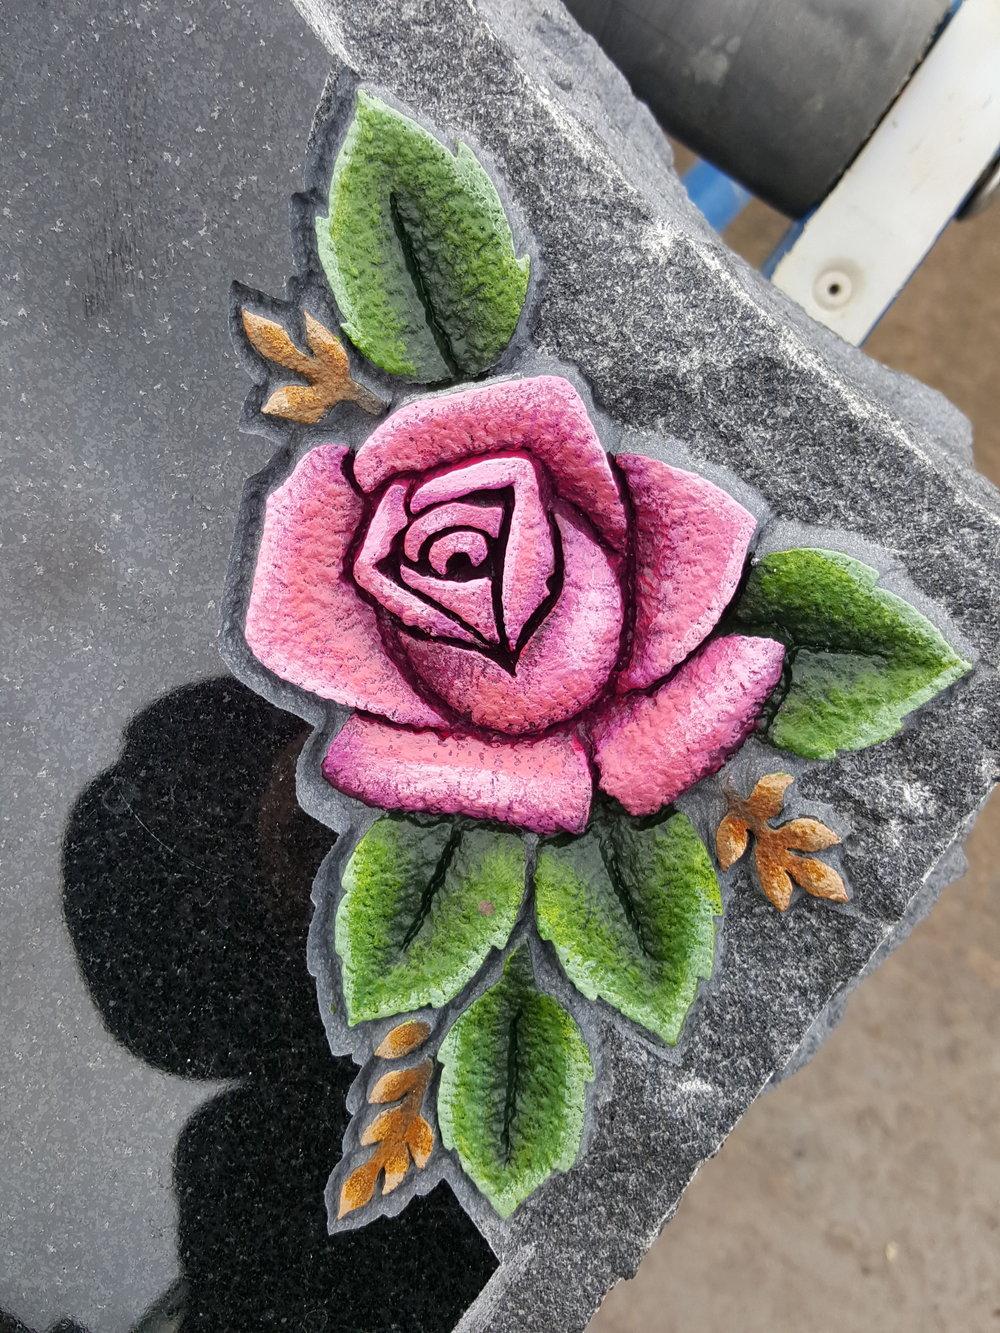 Deep carved rose